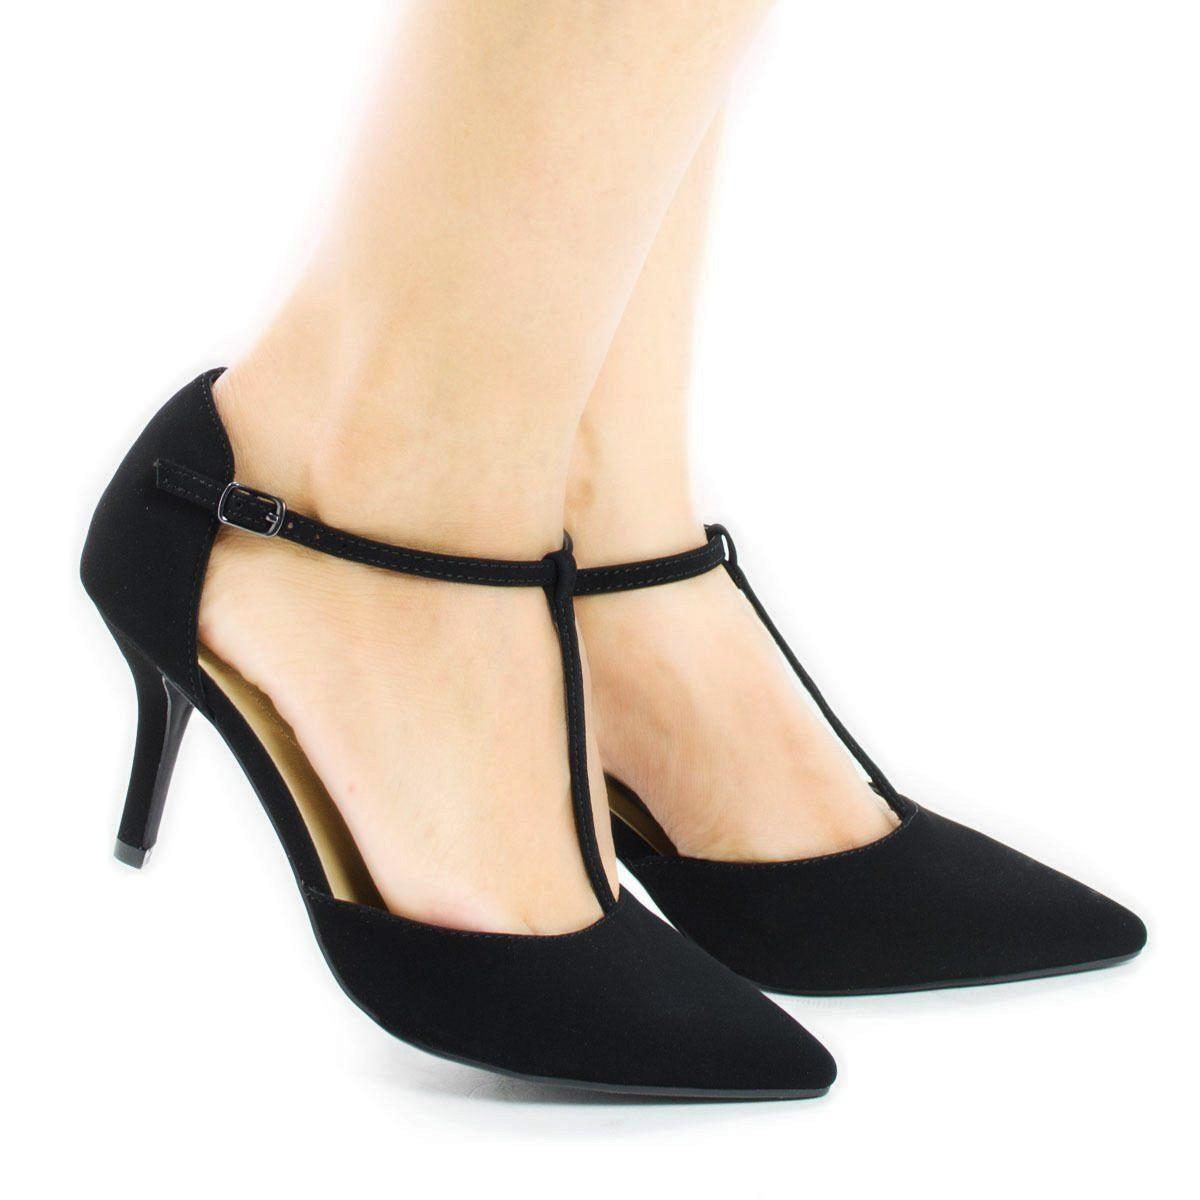 05cd9676eec88c City Classified Comfort Women s Pointy Toe T-Strap Mid Heel Pump ...